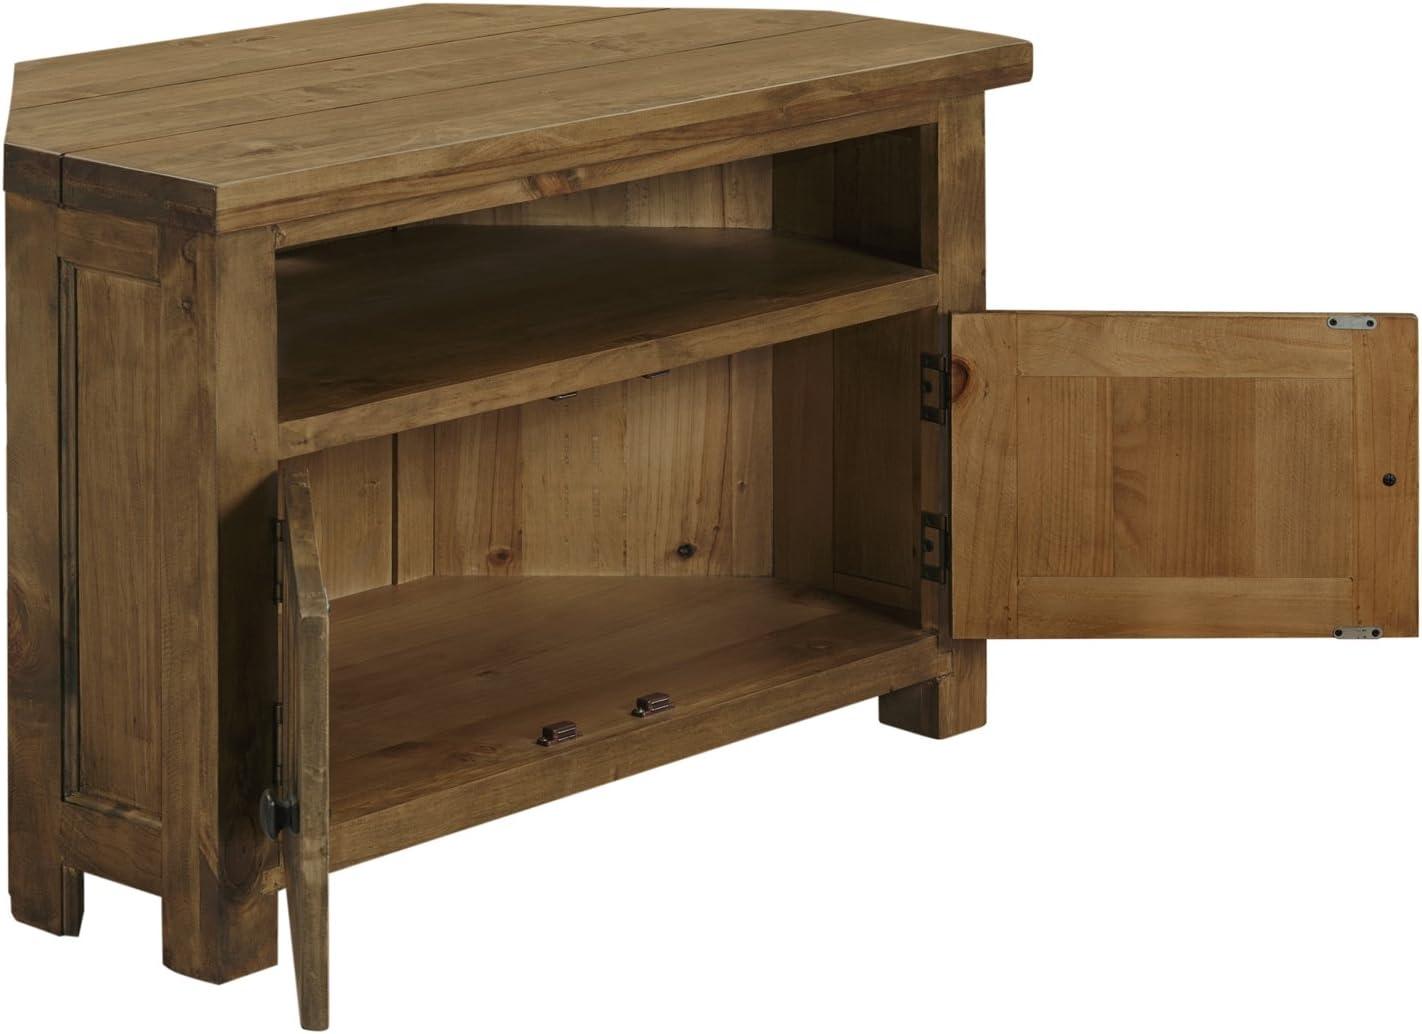 Sala de estar mueble de esquina para televisor armario de nuestra gama de Cotswold muebles rústicos: Amazon.es: Hogar